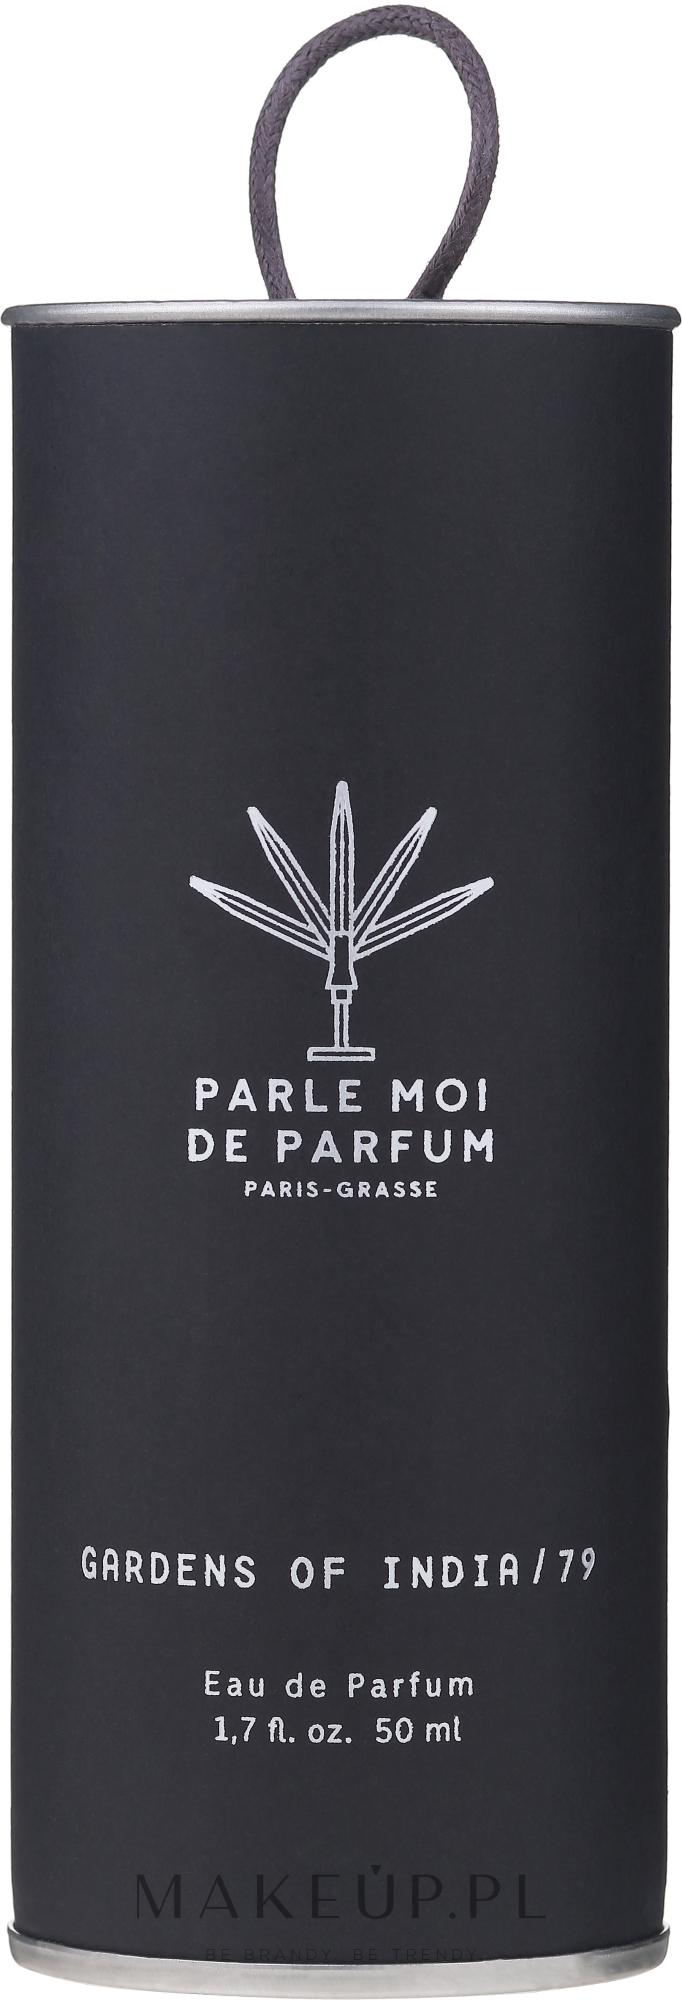 parle moi de parfum gardens of india/79